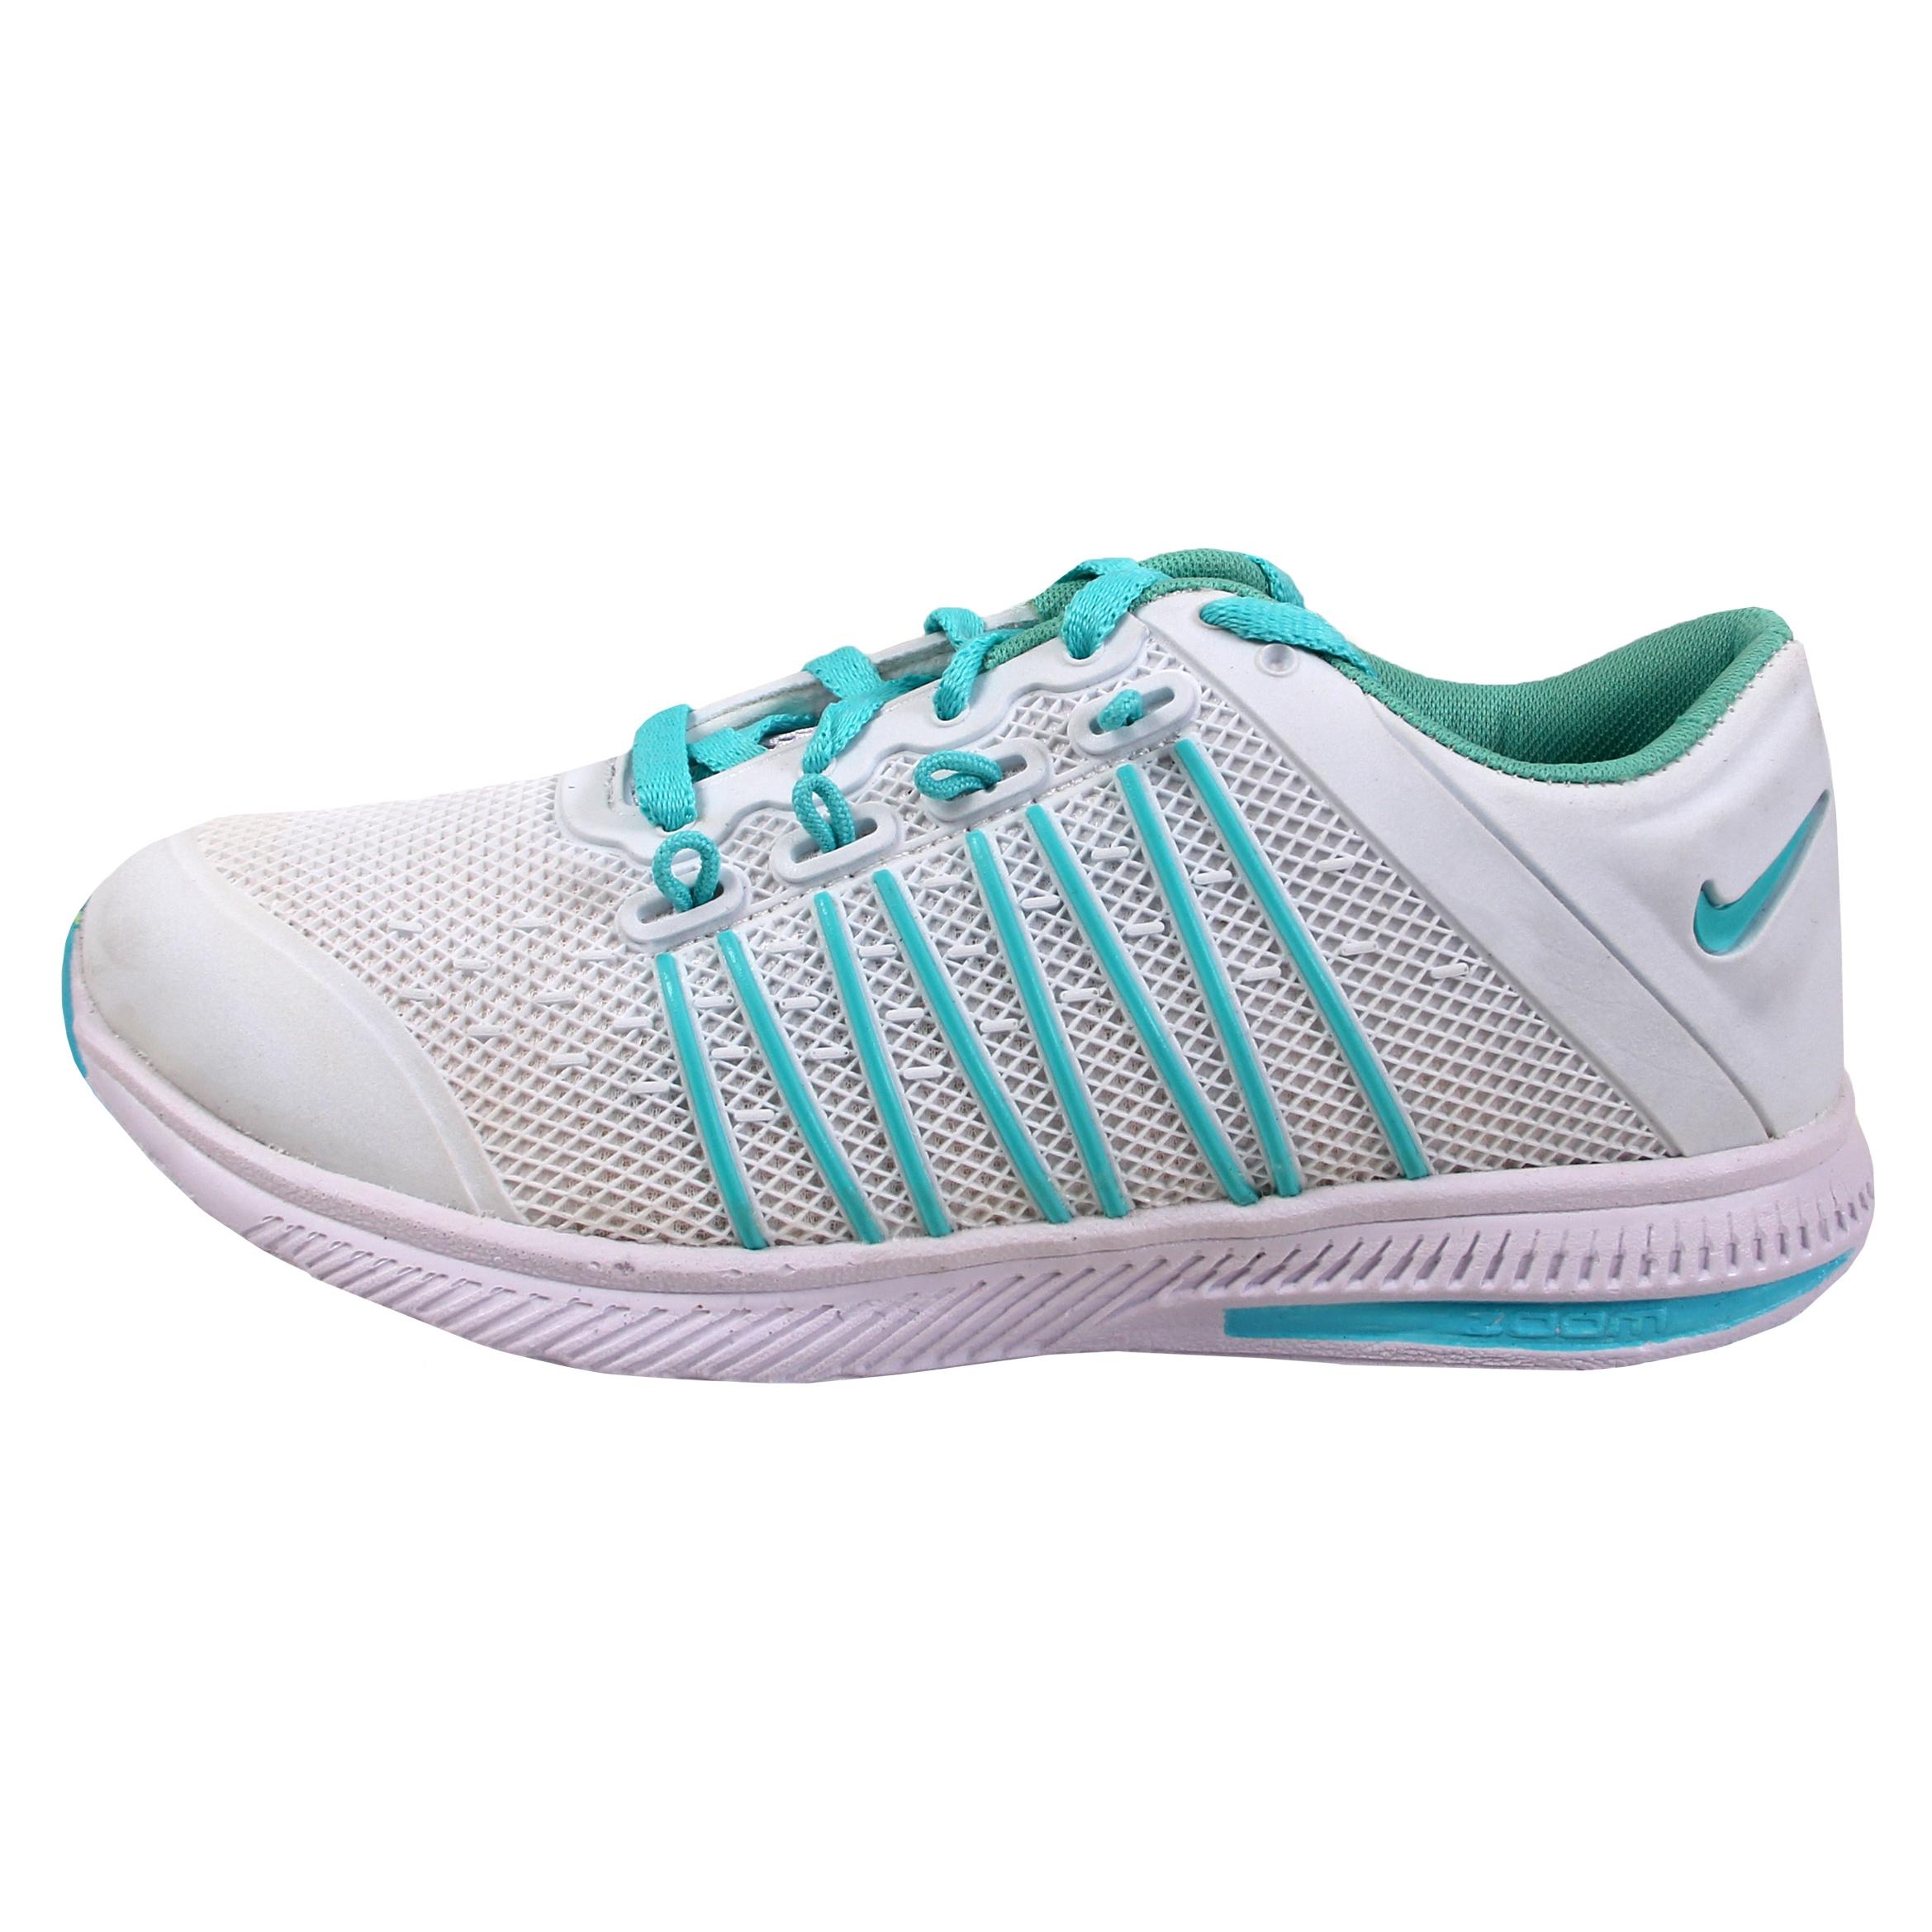 کفش مخصوص پیاده روی زنانه کد 53-1396141